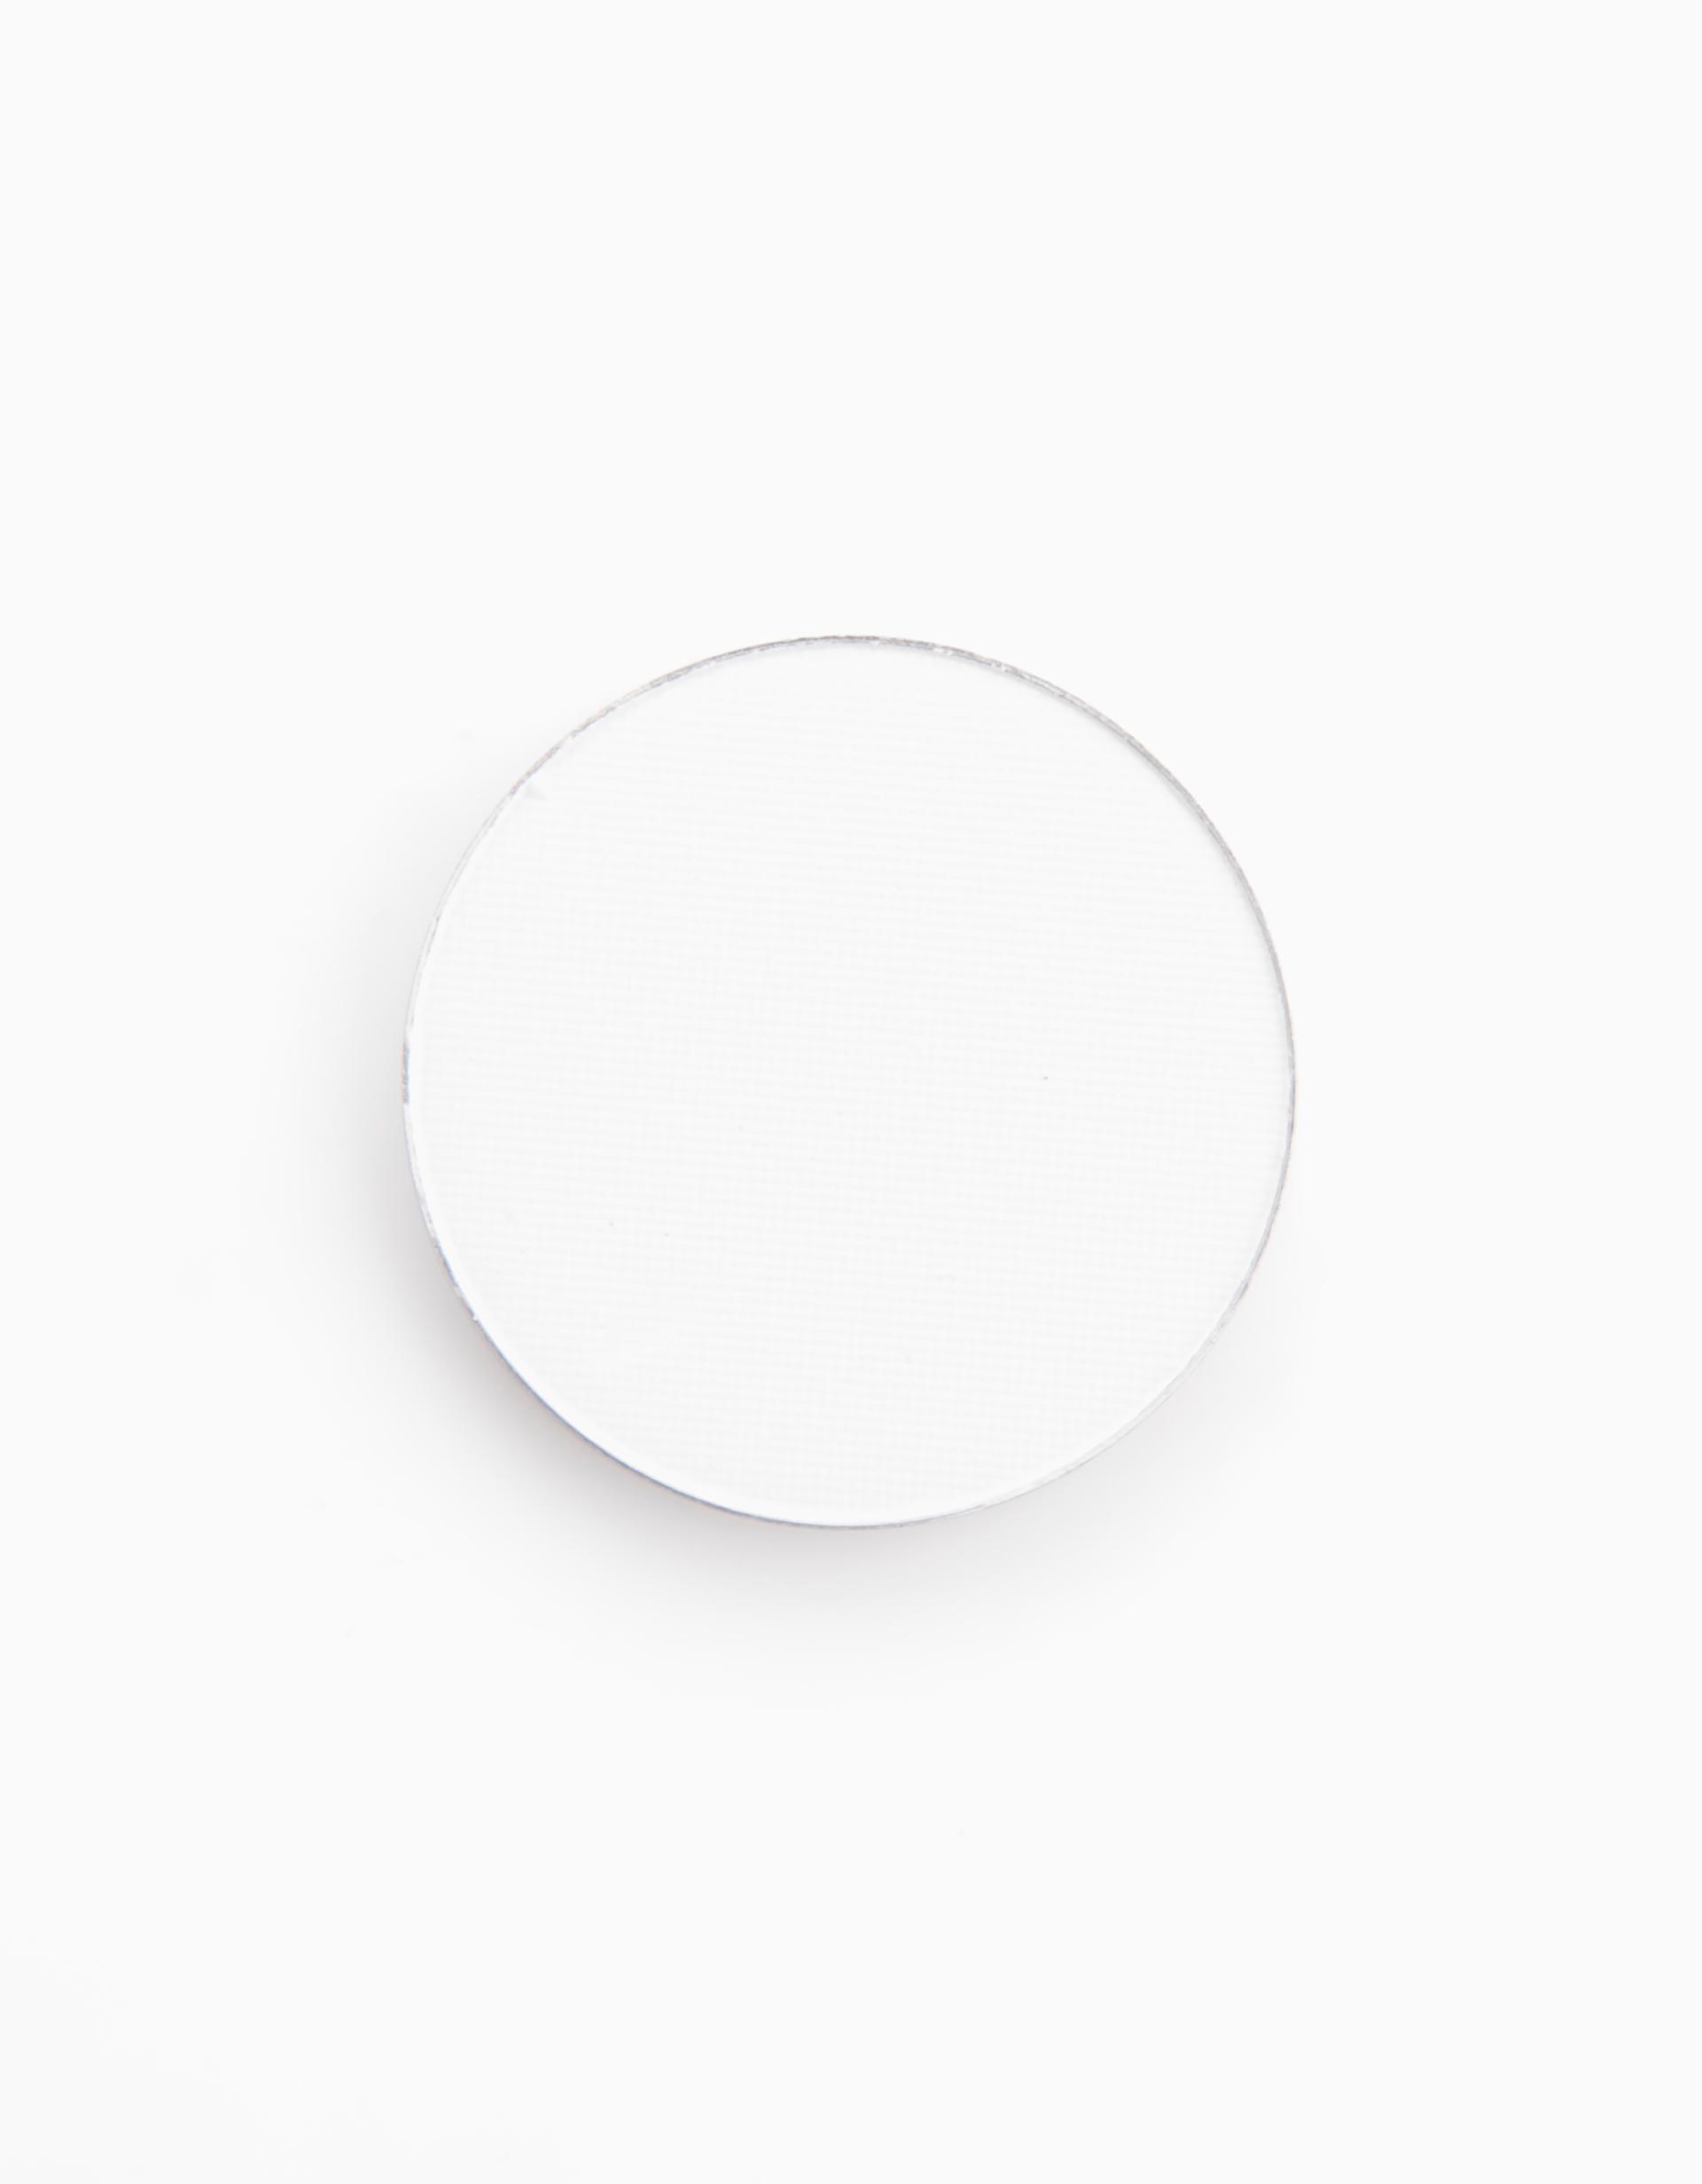 Suesh Choose Your Own Palette Eyeshadow Pots:  Smoky Eye Base by Suesh | E01 - Base Matte